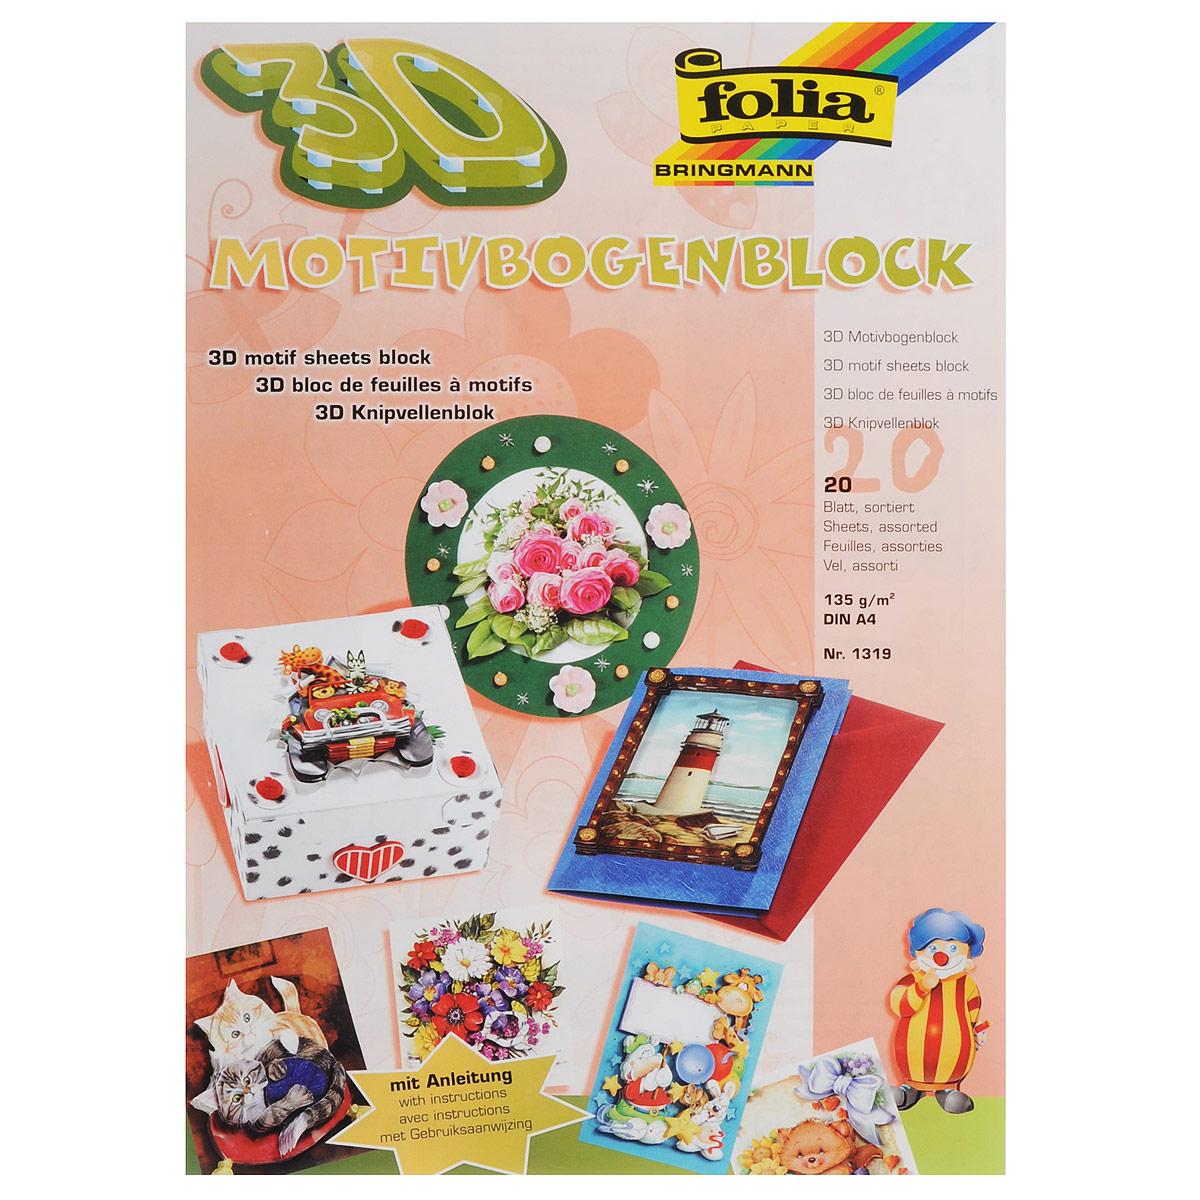 Набор для создания 3D аппликаций Folia, 20 листов7707971Набор для создания 3D аппликаций Folia включает в себя 20 листов с рисунками разных дизайнов и размеров для создания 40 мотивов декорирования и украшения поздравительных открыток и карточек, подарков. Набор наклеек Folia даст вам вдохновение, которое изменит вашу жизнь и поможет погрузиться в мир ярких красок, фантазий и творчества. Количество листов с наклейками: 20. Размер листа: 29,5 см х 21 см. Количество мотивов: 40. Уважаемые покупатели! Обращаем ваше внимание на то, что двусторонний скотч, с помощью которого открытки прикрепляются к поверхности, в набор не входит.